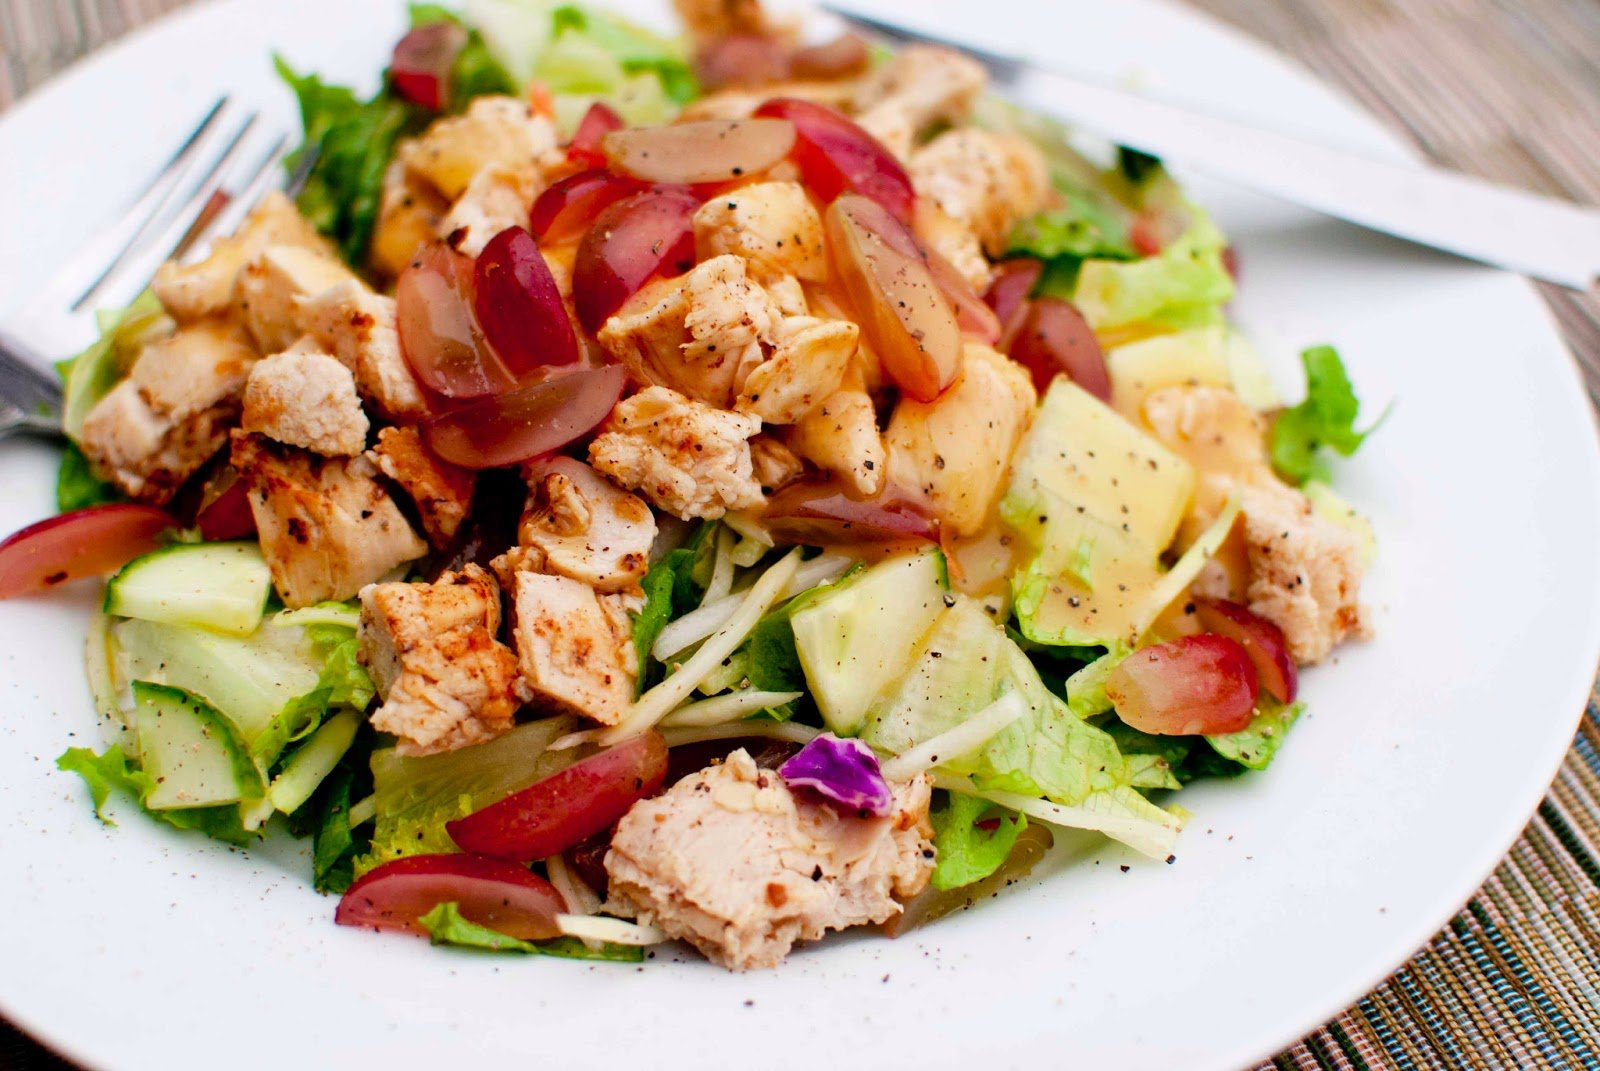 Салат с копченой курицей помидором сыром кукурузой рецепт с фото пошагово - 1000.menu